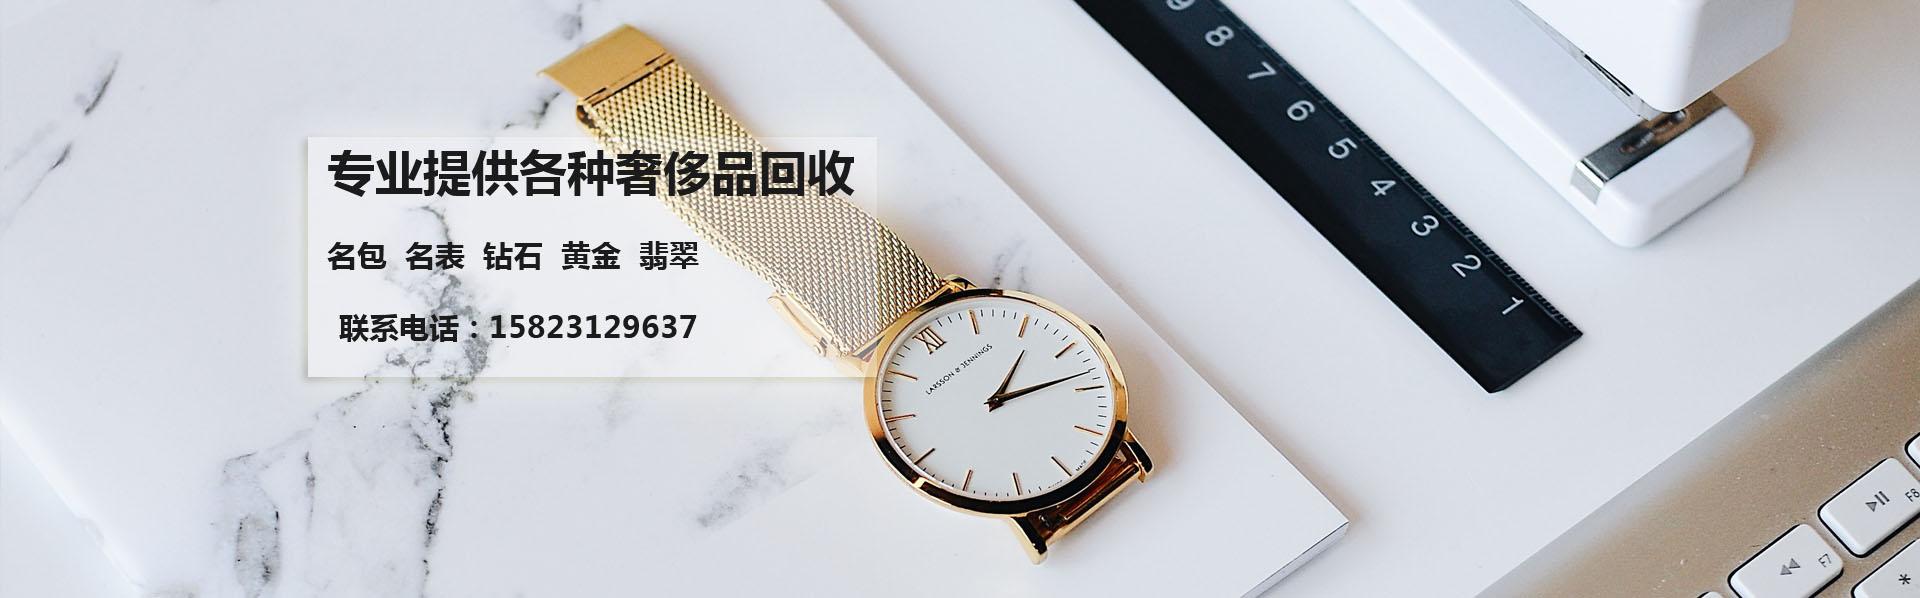 戴手表的八种错误方法及维护方法